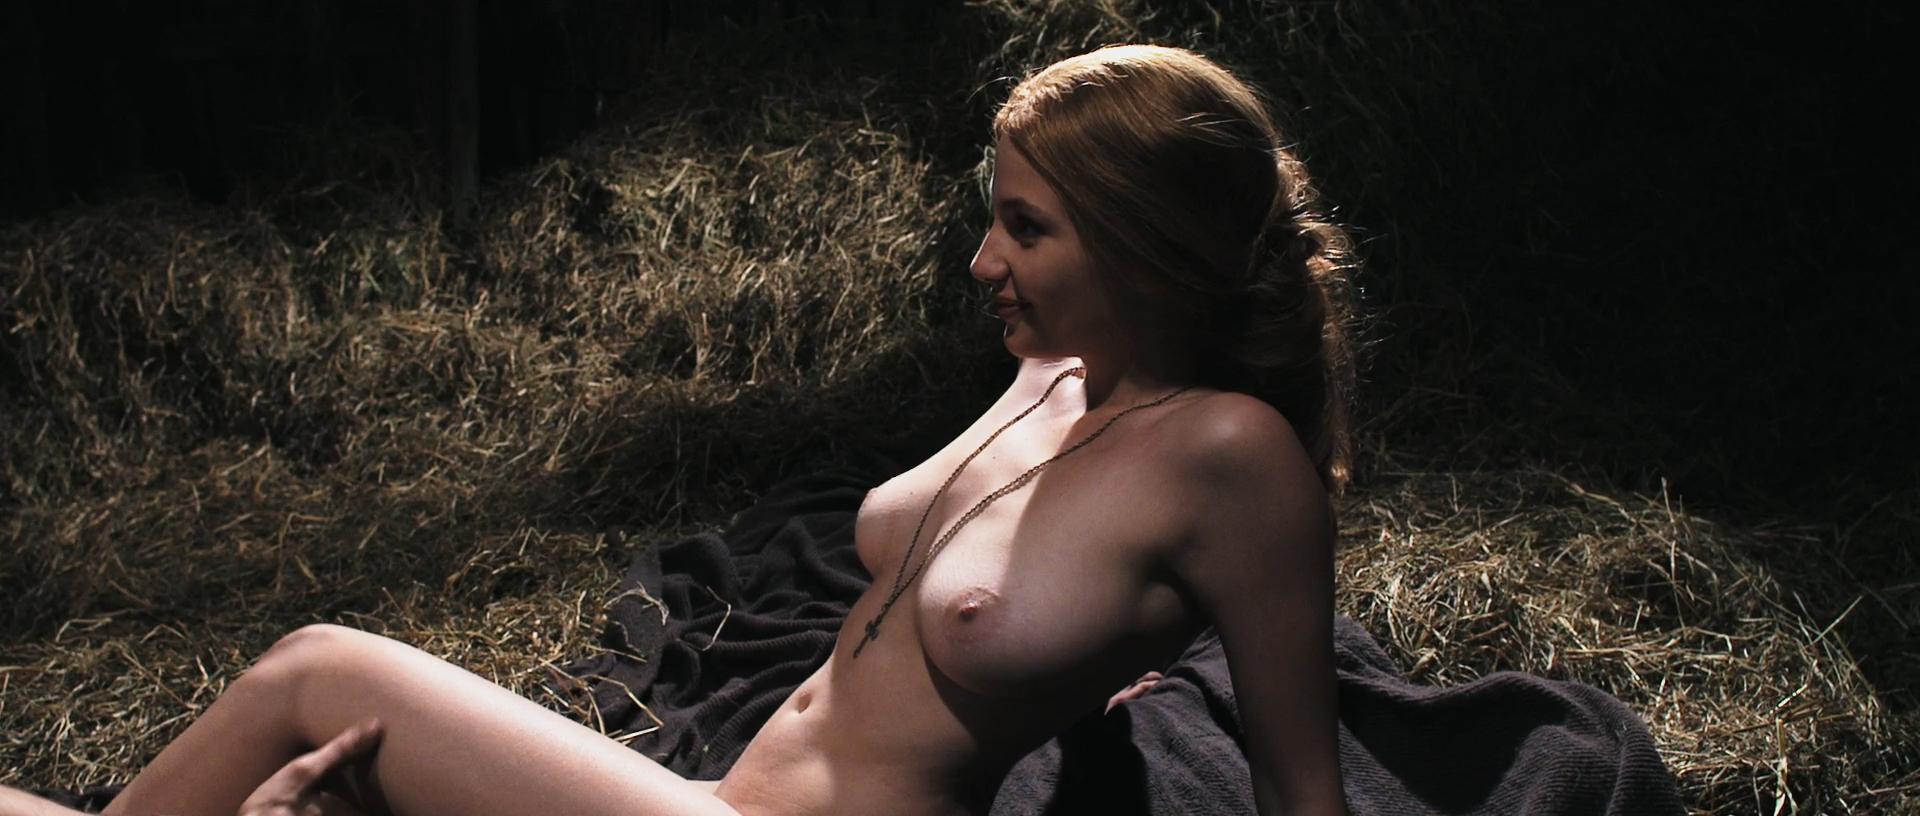 Miriam Giovanelli sin censura